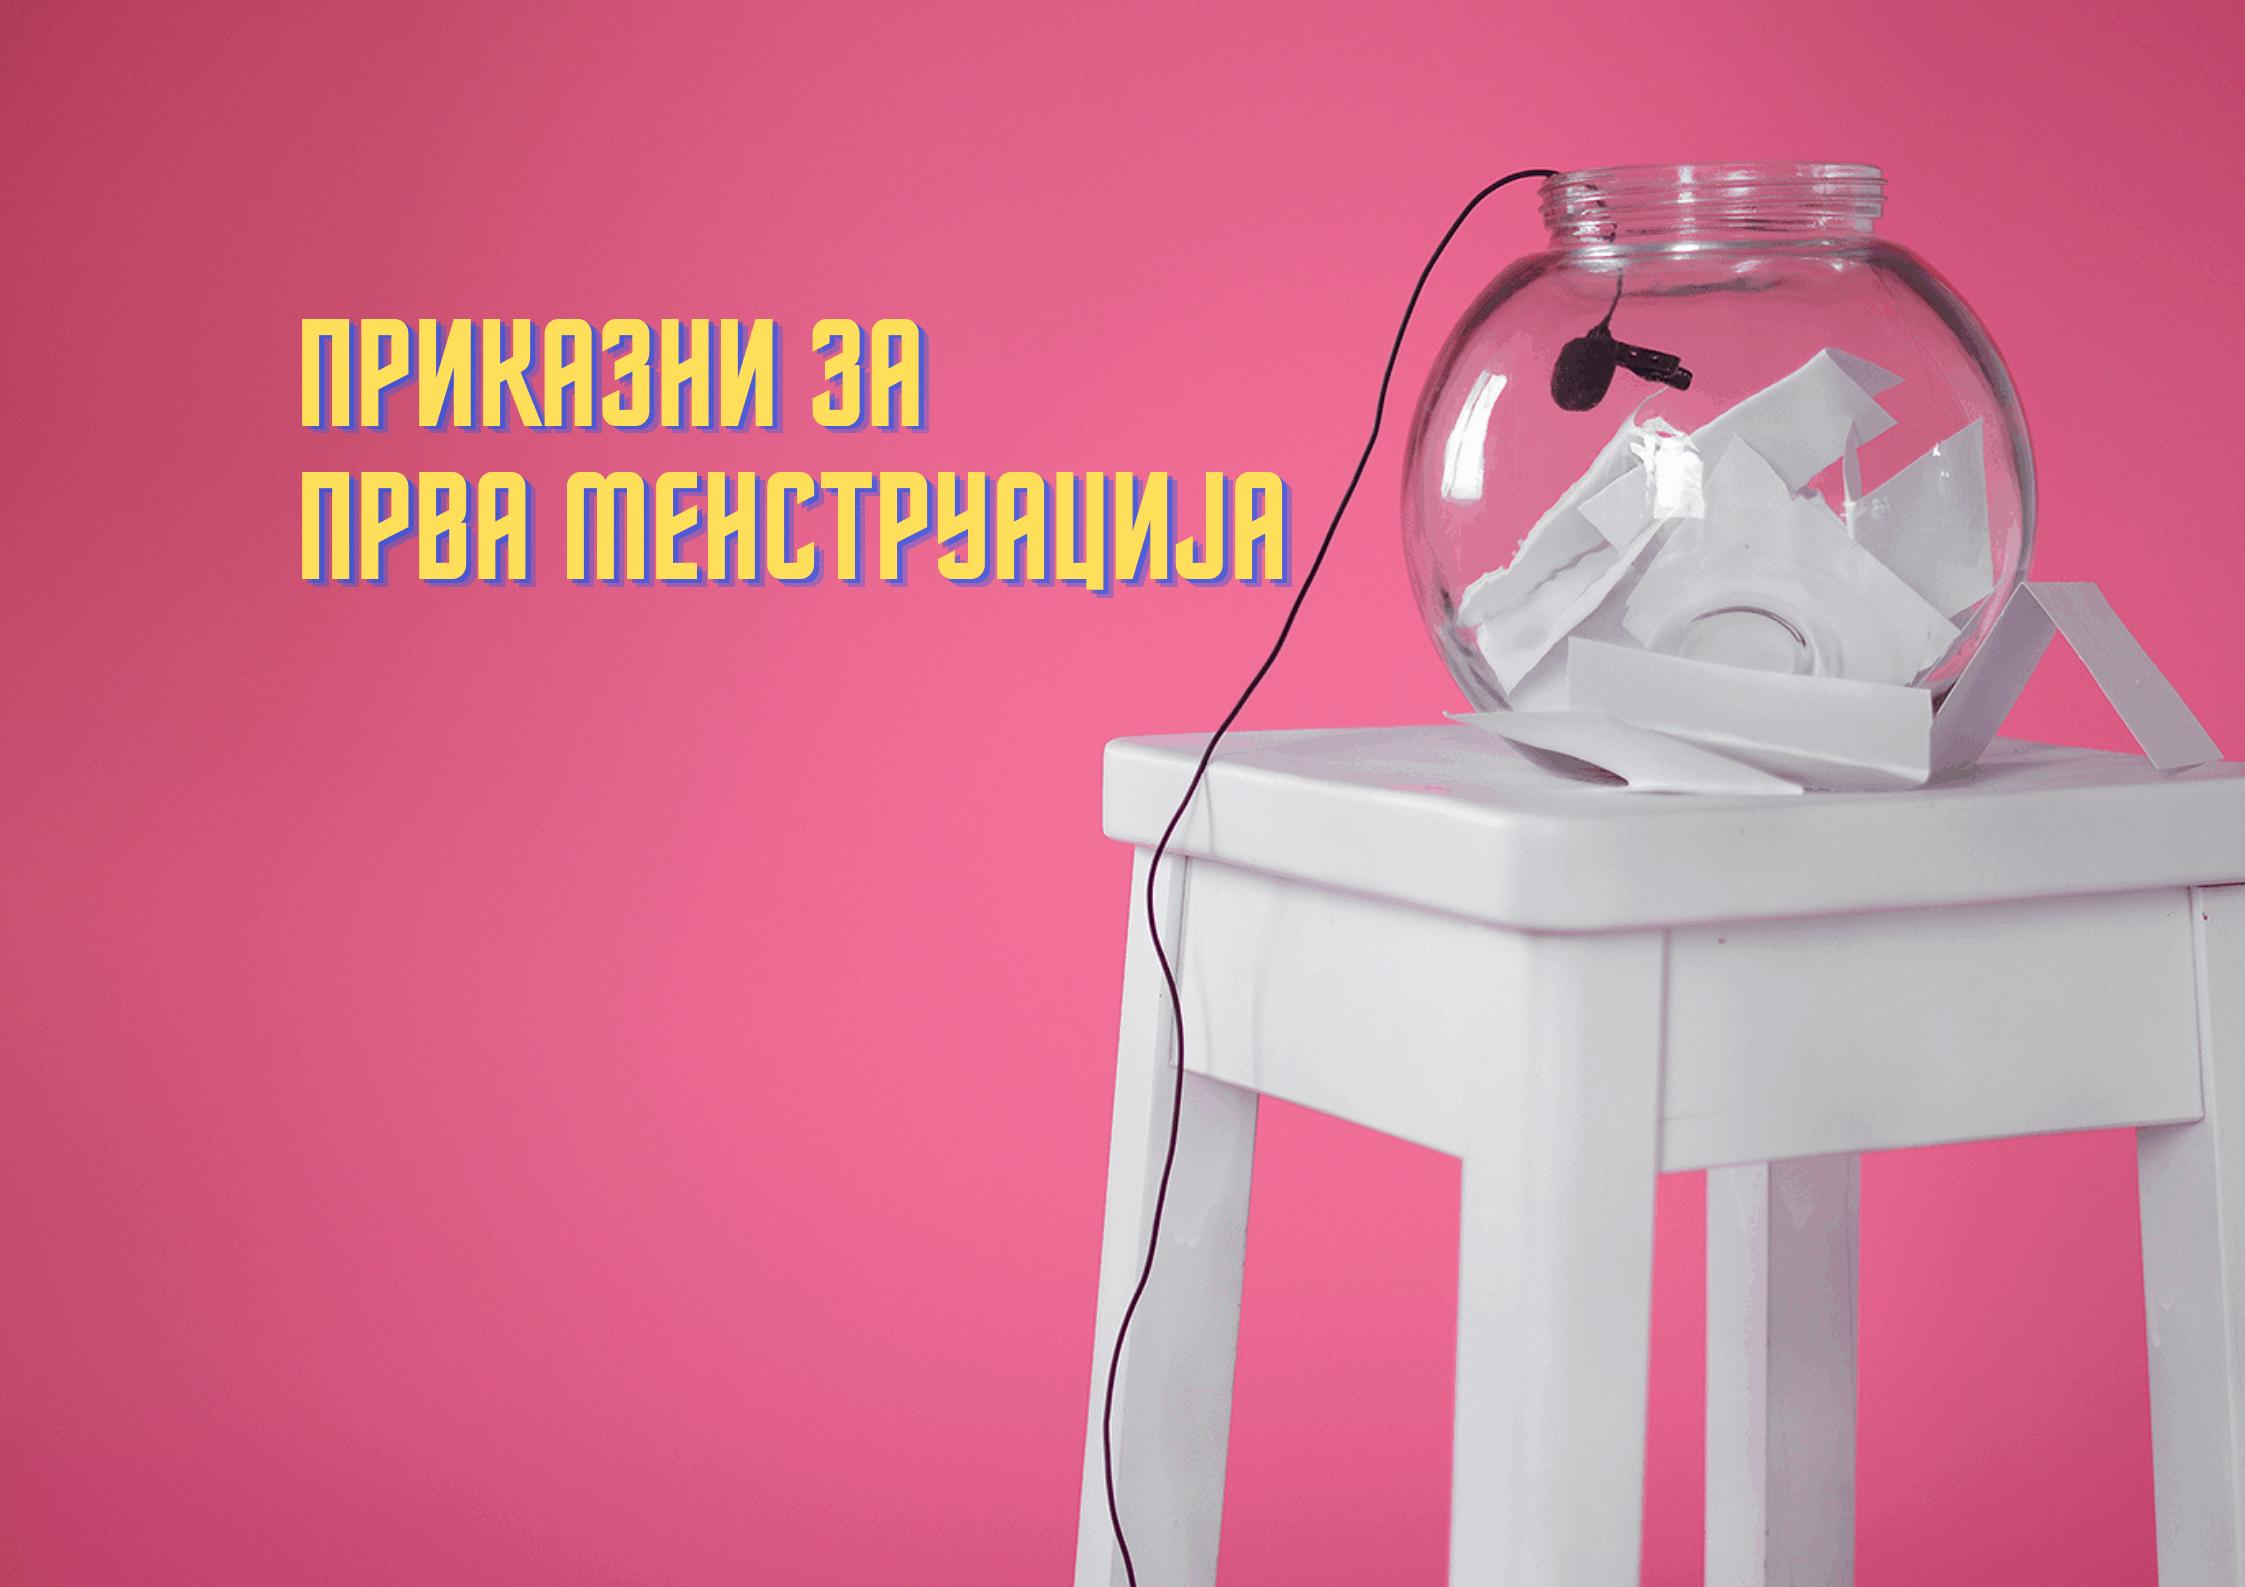 prikazni za prva menstruacija